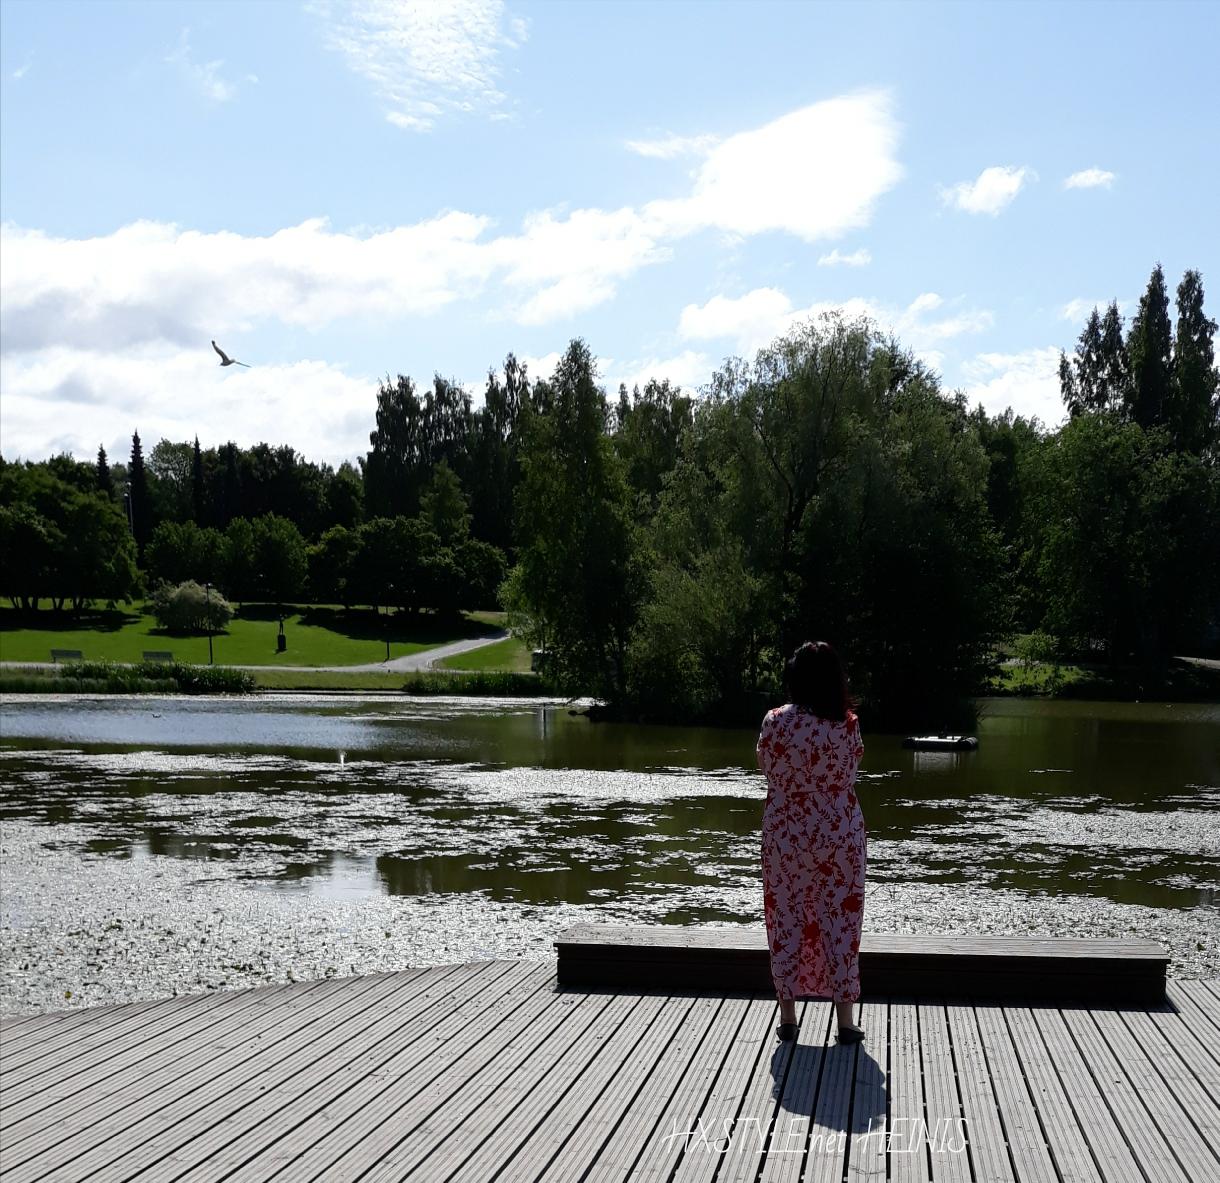 MUOTI&TYYLI. HXSTYLE.net HEINIS. KESÄ PÄIVÄ Puistossa, Kahvilla&Kaupungilla…       MUOTI MAAILMAN TREND.             PÄIVÄN ASU: MAXIMEKKO, paita ja Asusteet. Nahkatakki &Tuubihuivi. 15.8.2018 Suosikit, Valokuvat&Elämäntapa.